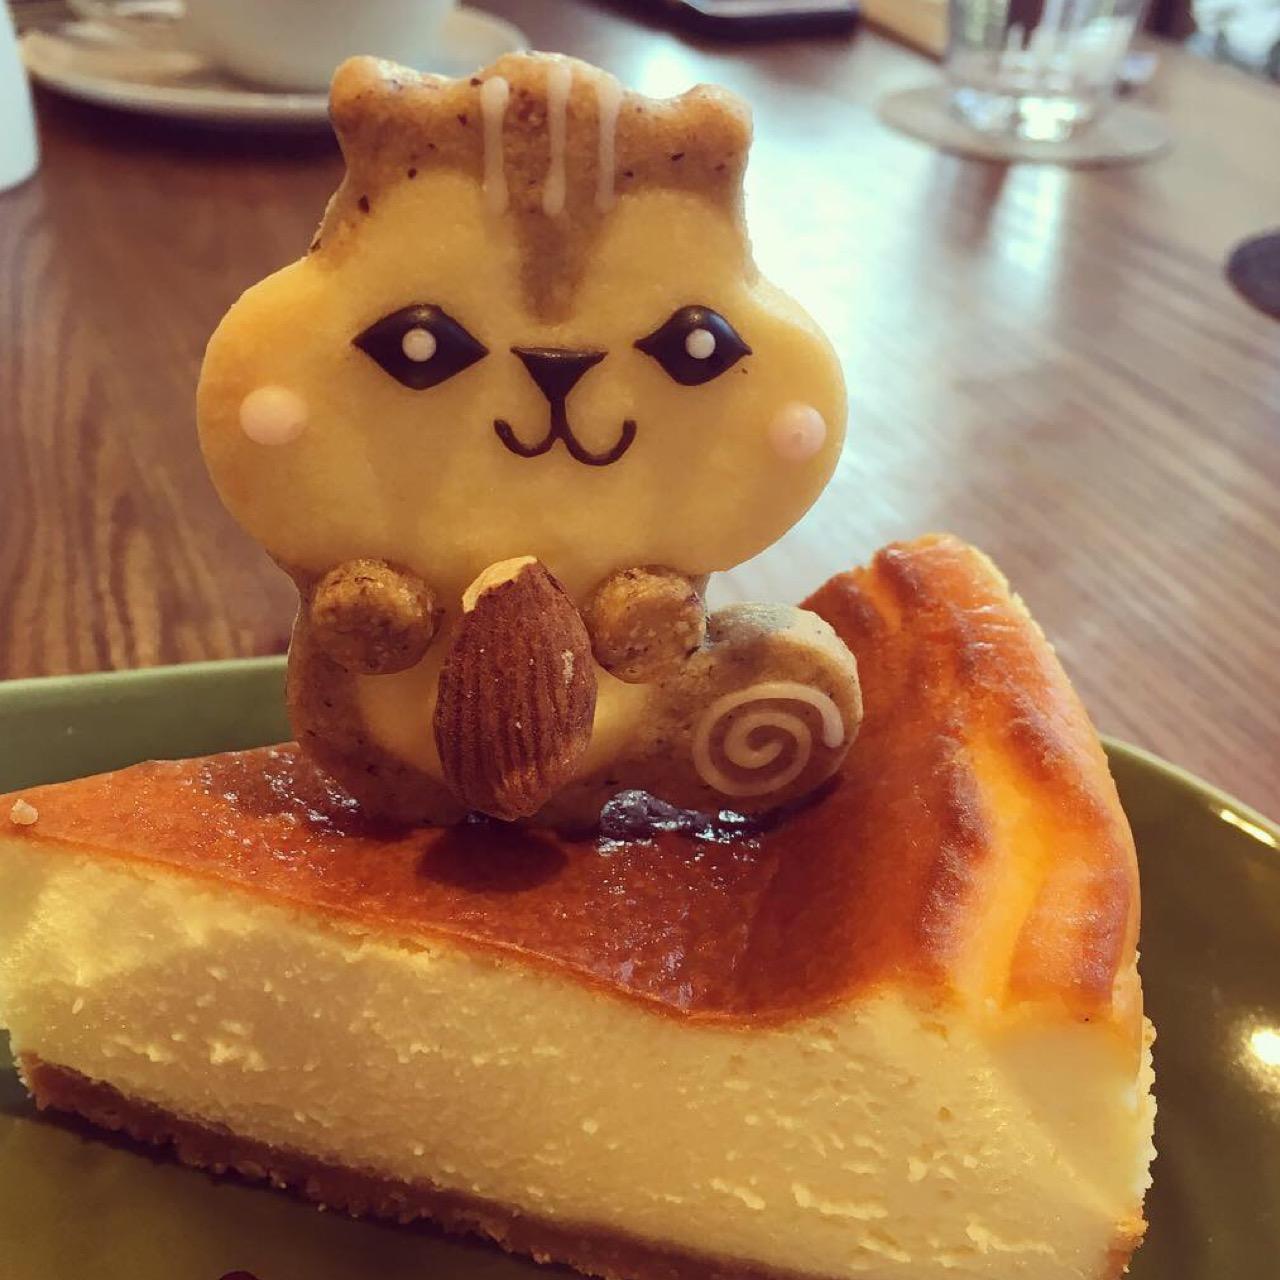 """へんてこかわいいどうぶつがおいしすぎる!""""henteco 森の洋菓子店""""に行ってきました♡_5"""